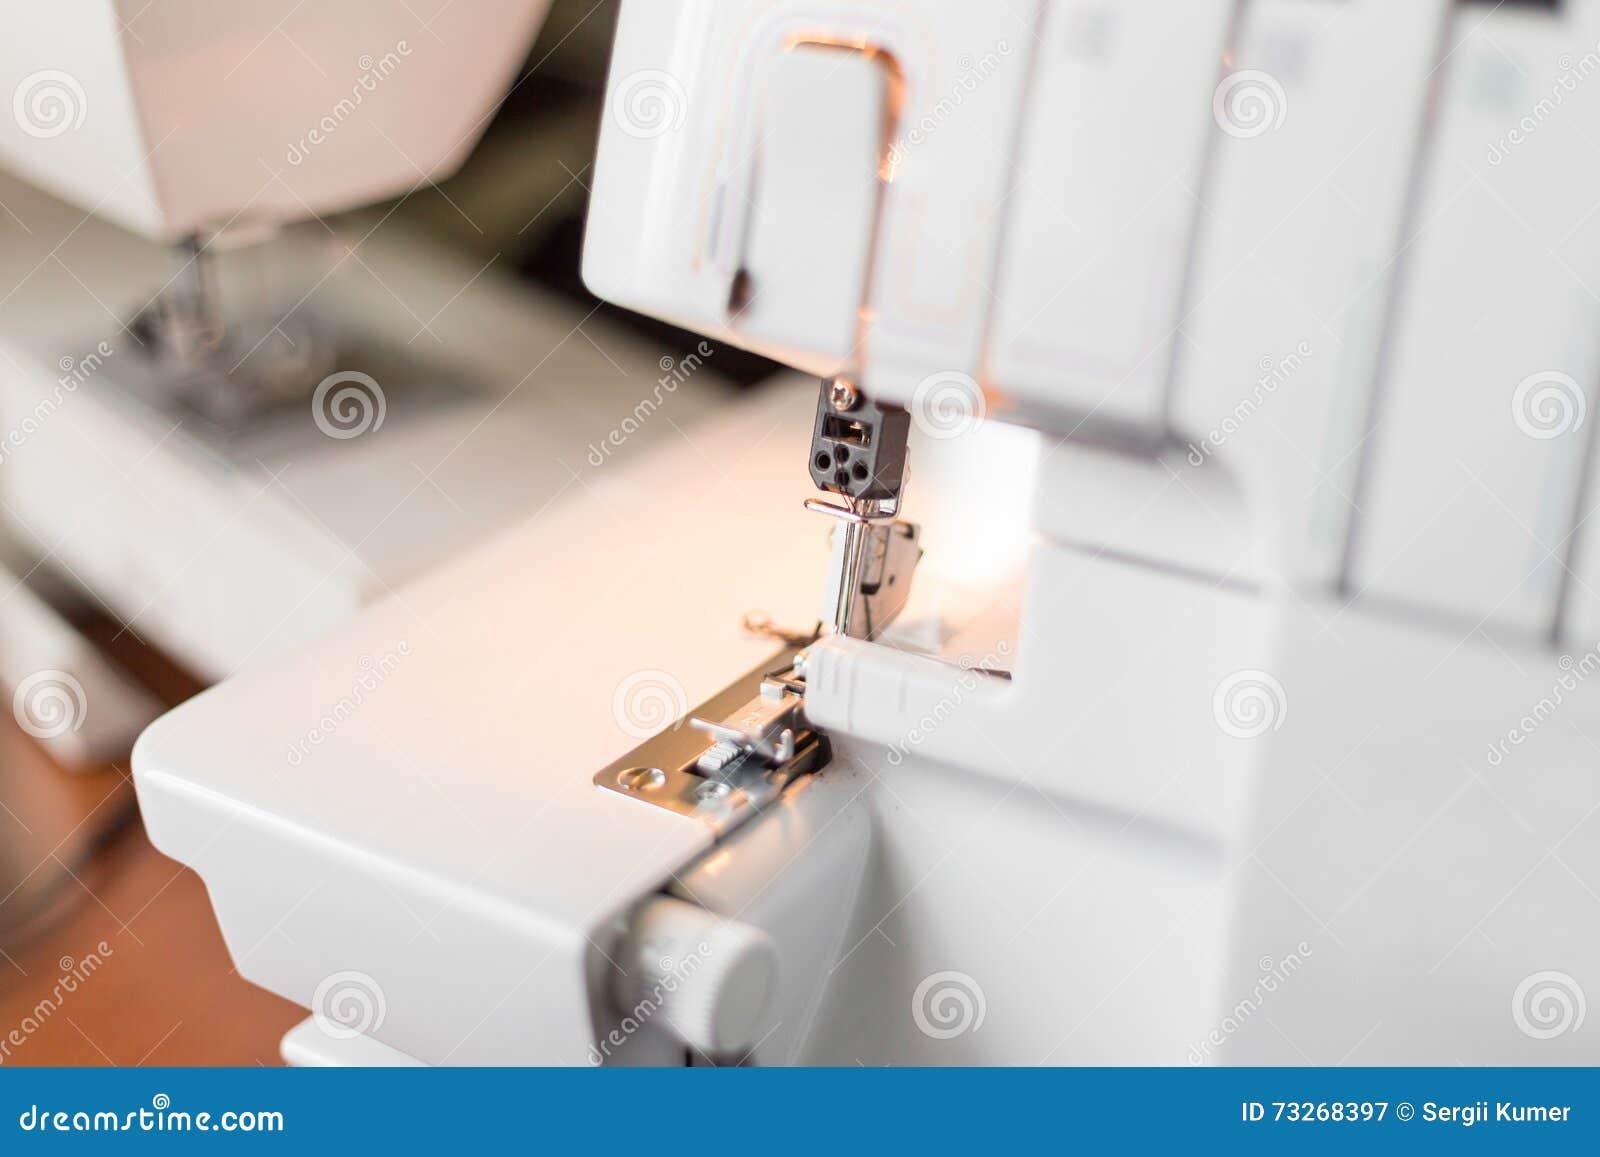 Máquina De Coser De Overlock En El Lugar De Trabajo Imagen de ...